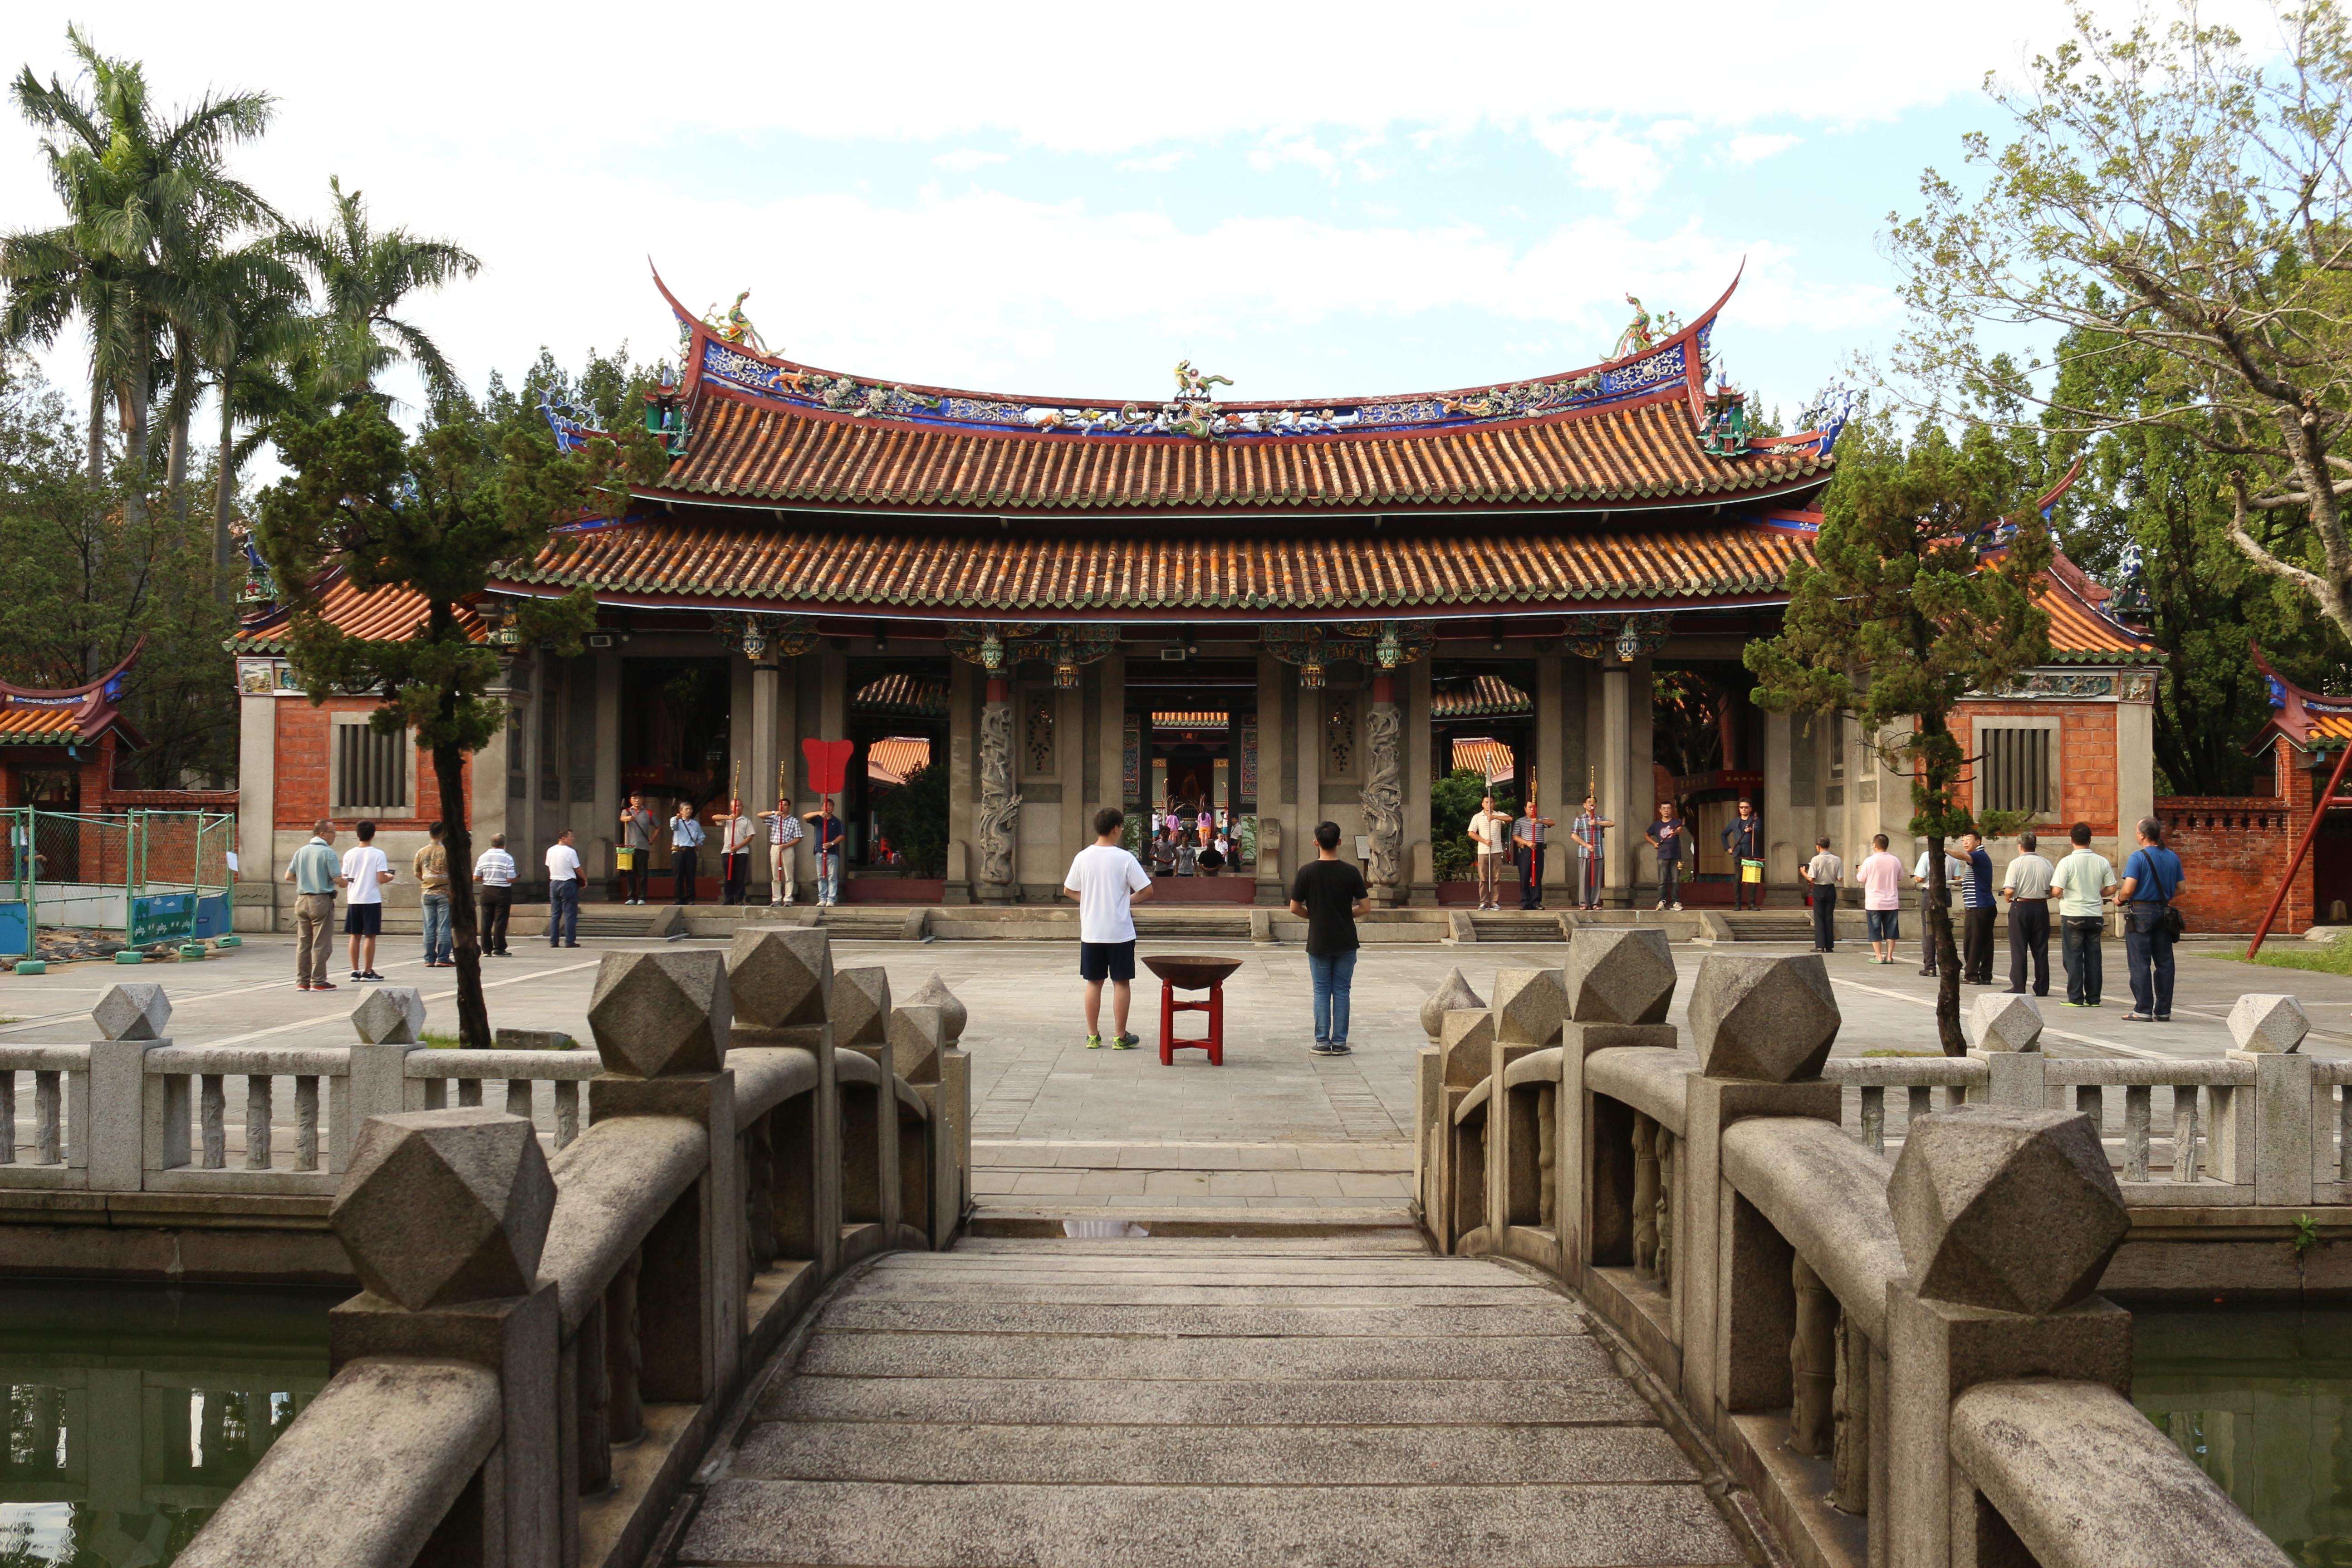 台北市孔廟為國定三級古蹟,每年的9月28日孔子誕辰都會舉行祭孔大典。